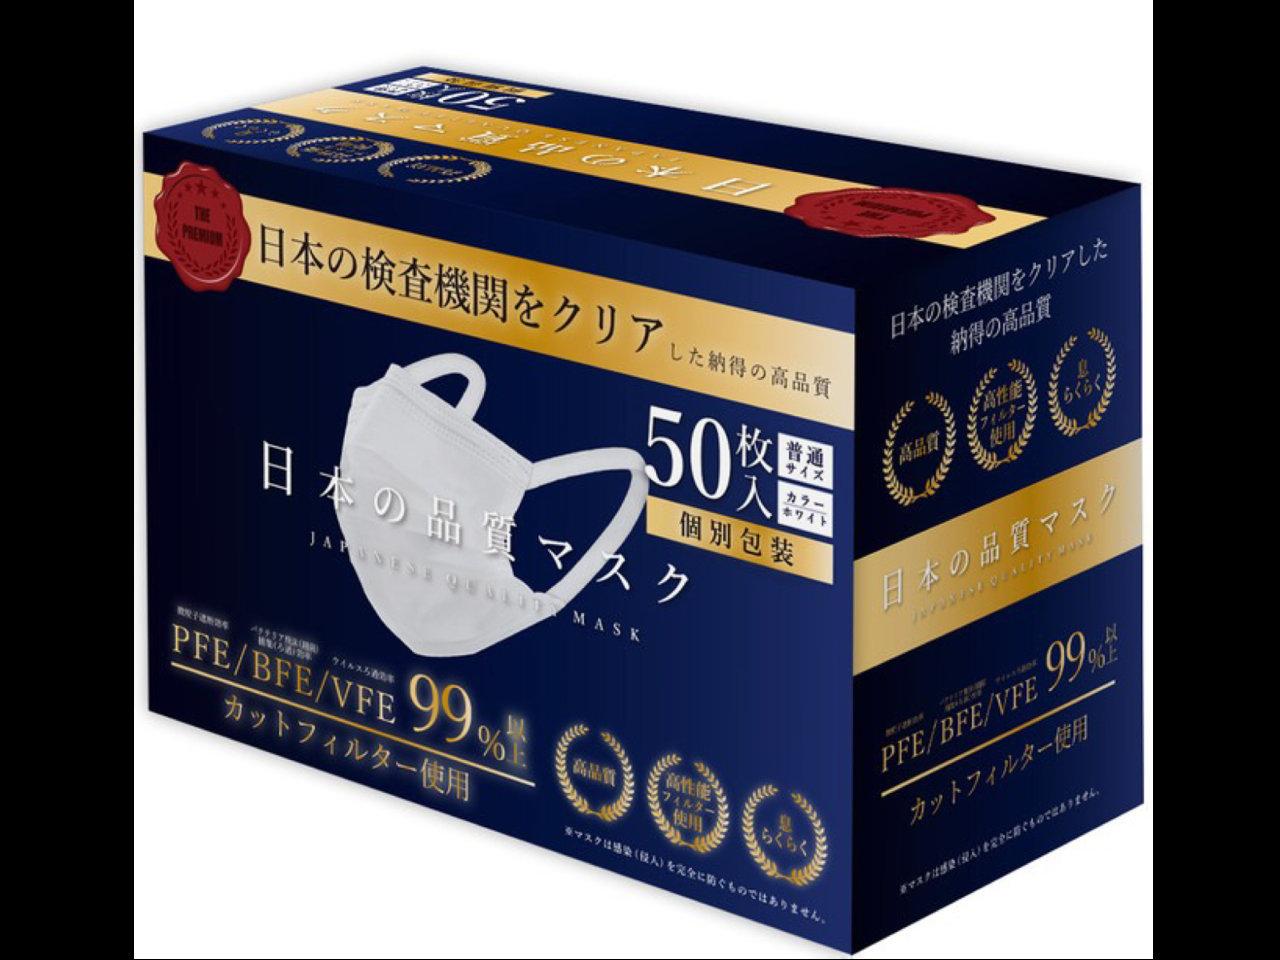 安さと機能性・快適性・衛生面を追求。1枚14円『日本の品質マスク』を追加販売。